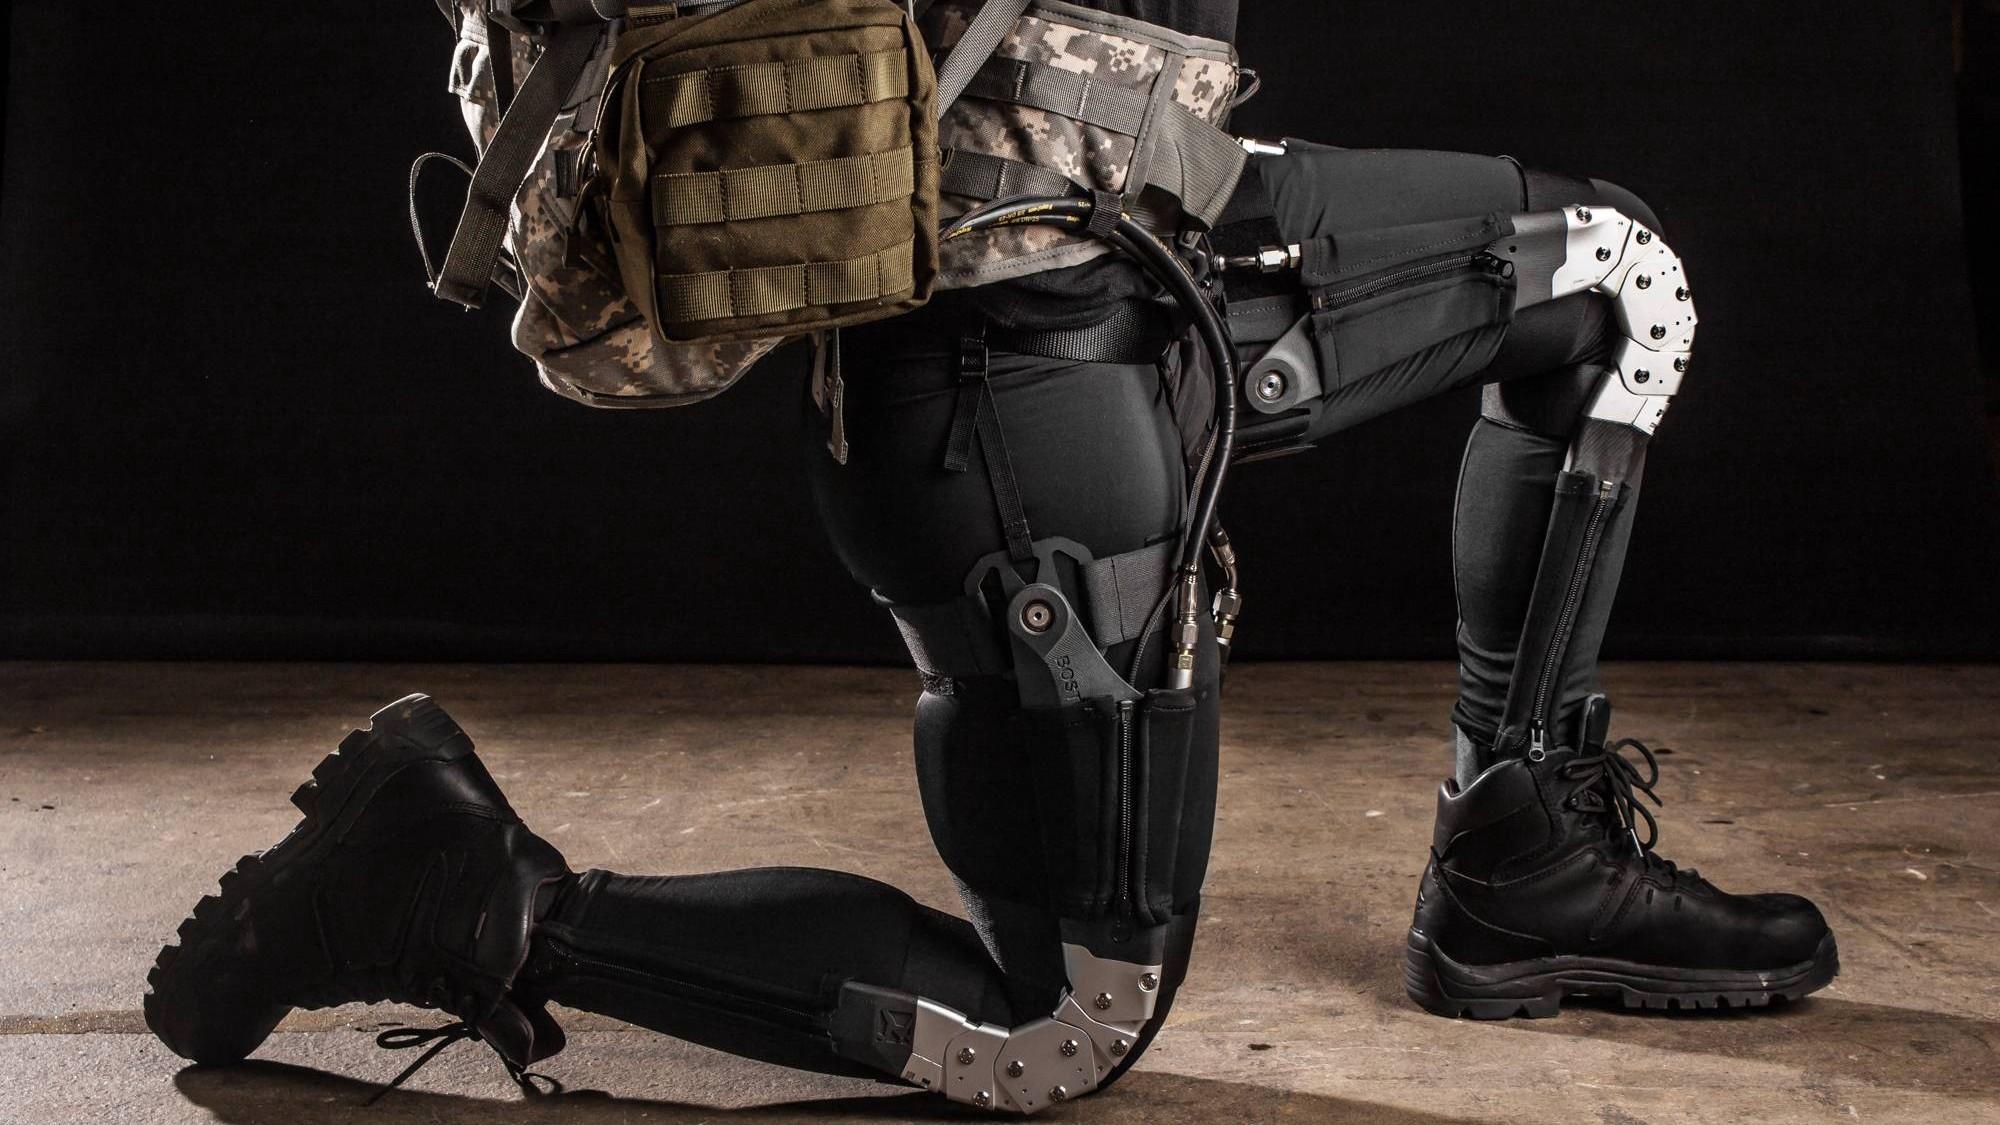 Exoskeleton Suits